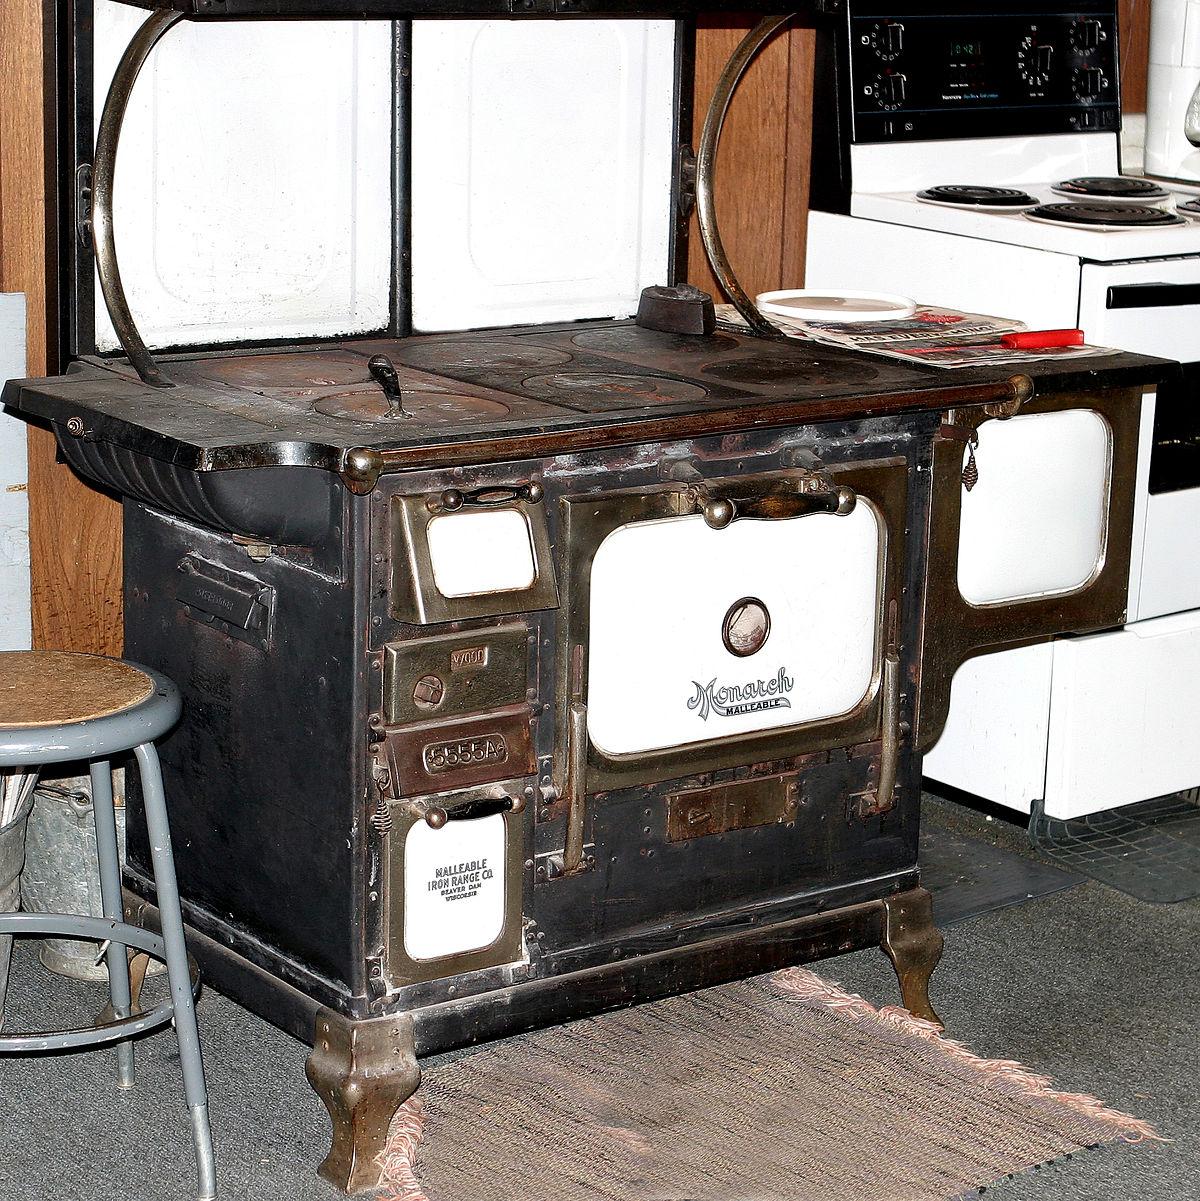 Kitchen stove  Wikipedia